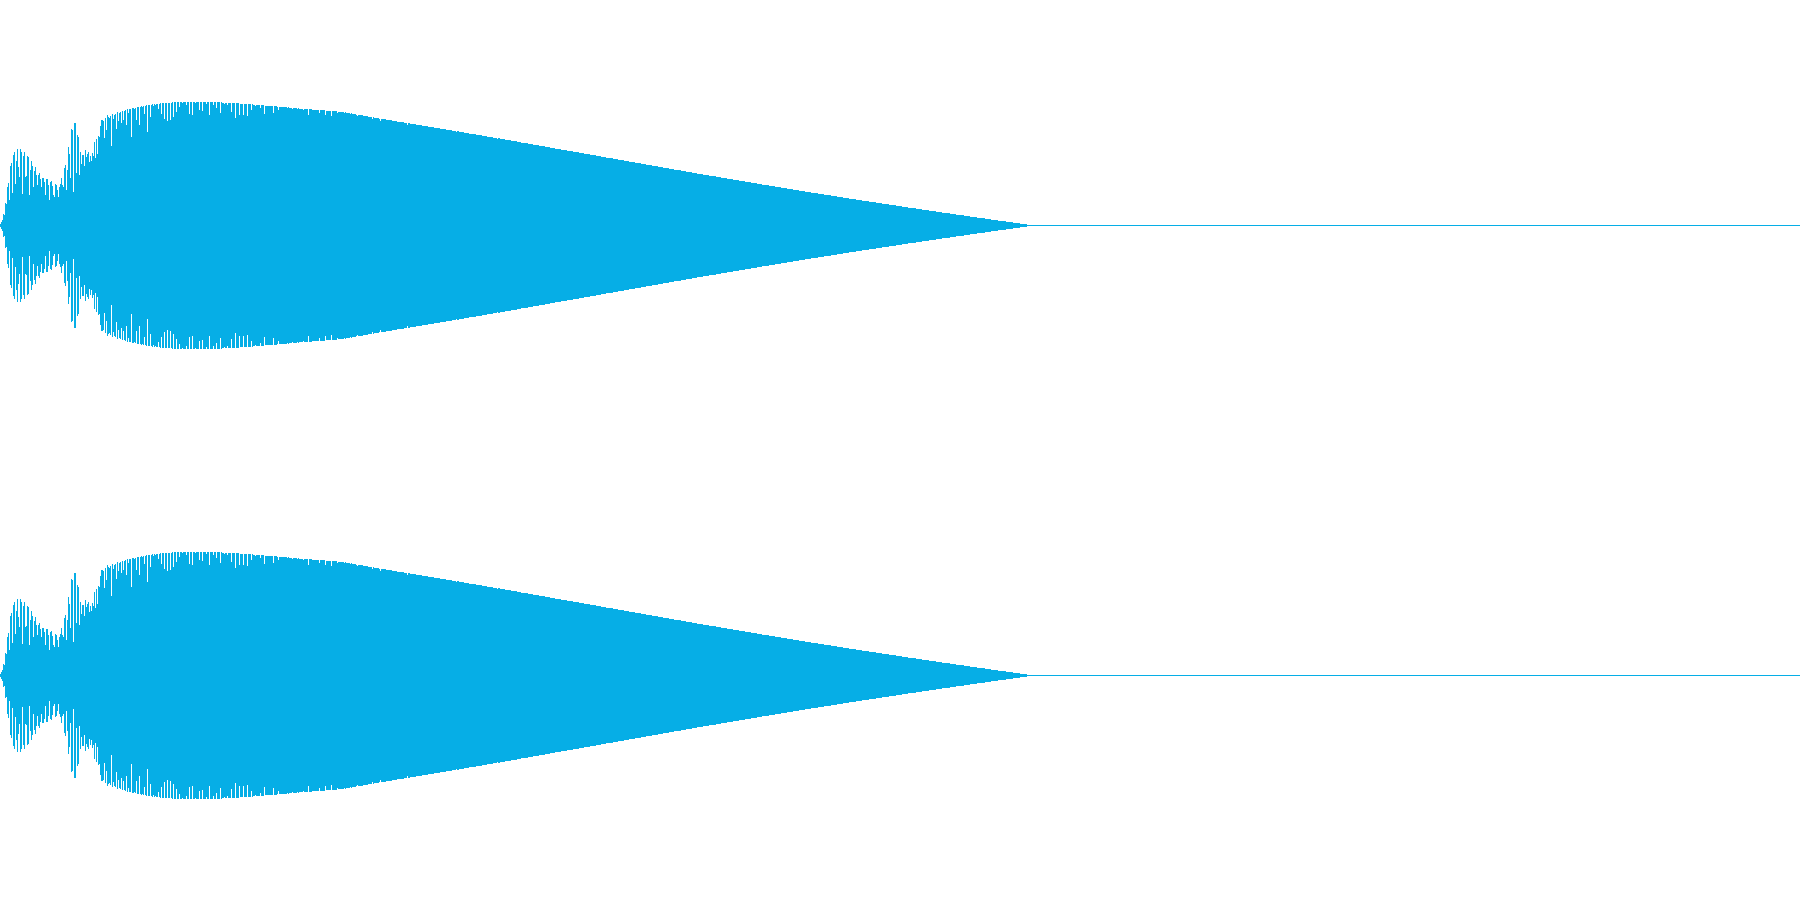 【ピヨーン】ファミコン系ジャンプ音_01の再生済みの波形